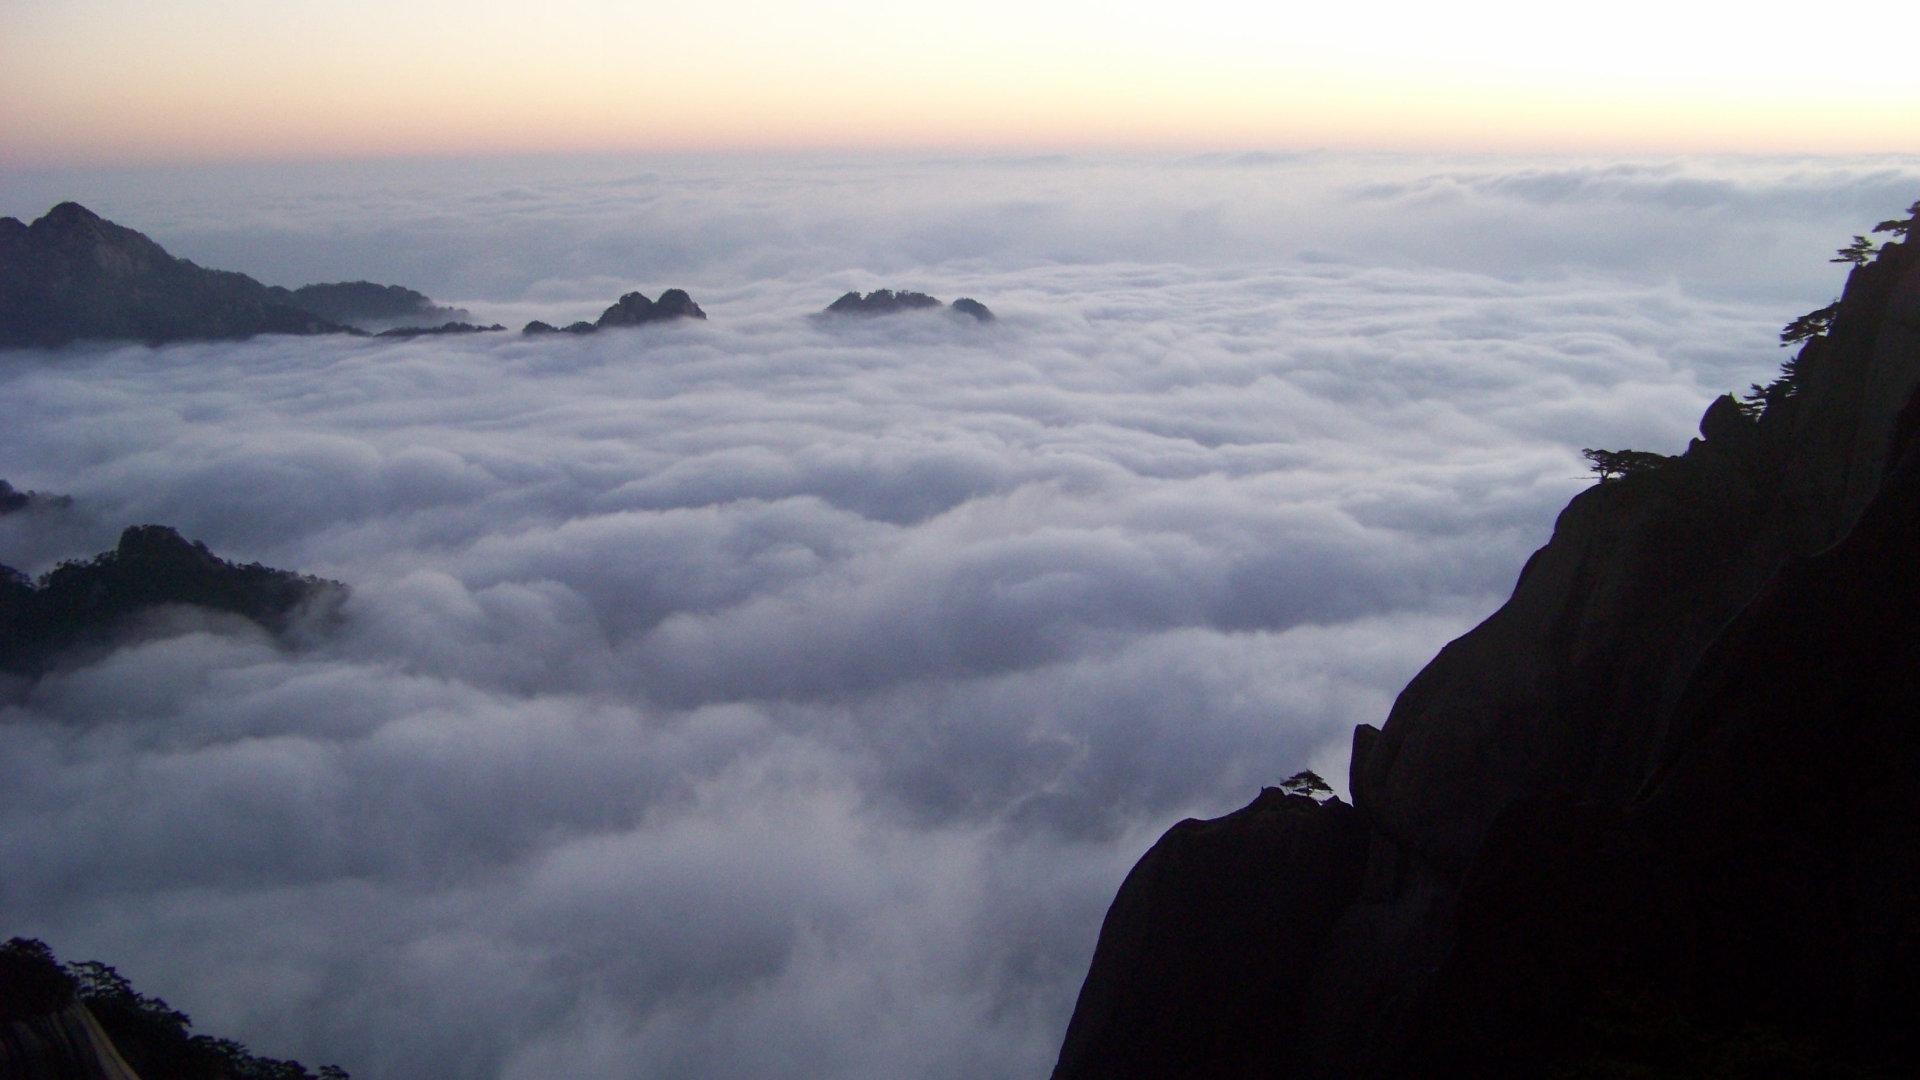 仙境般的云海超高清图片素材